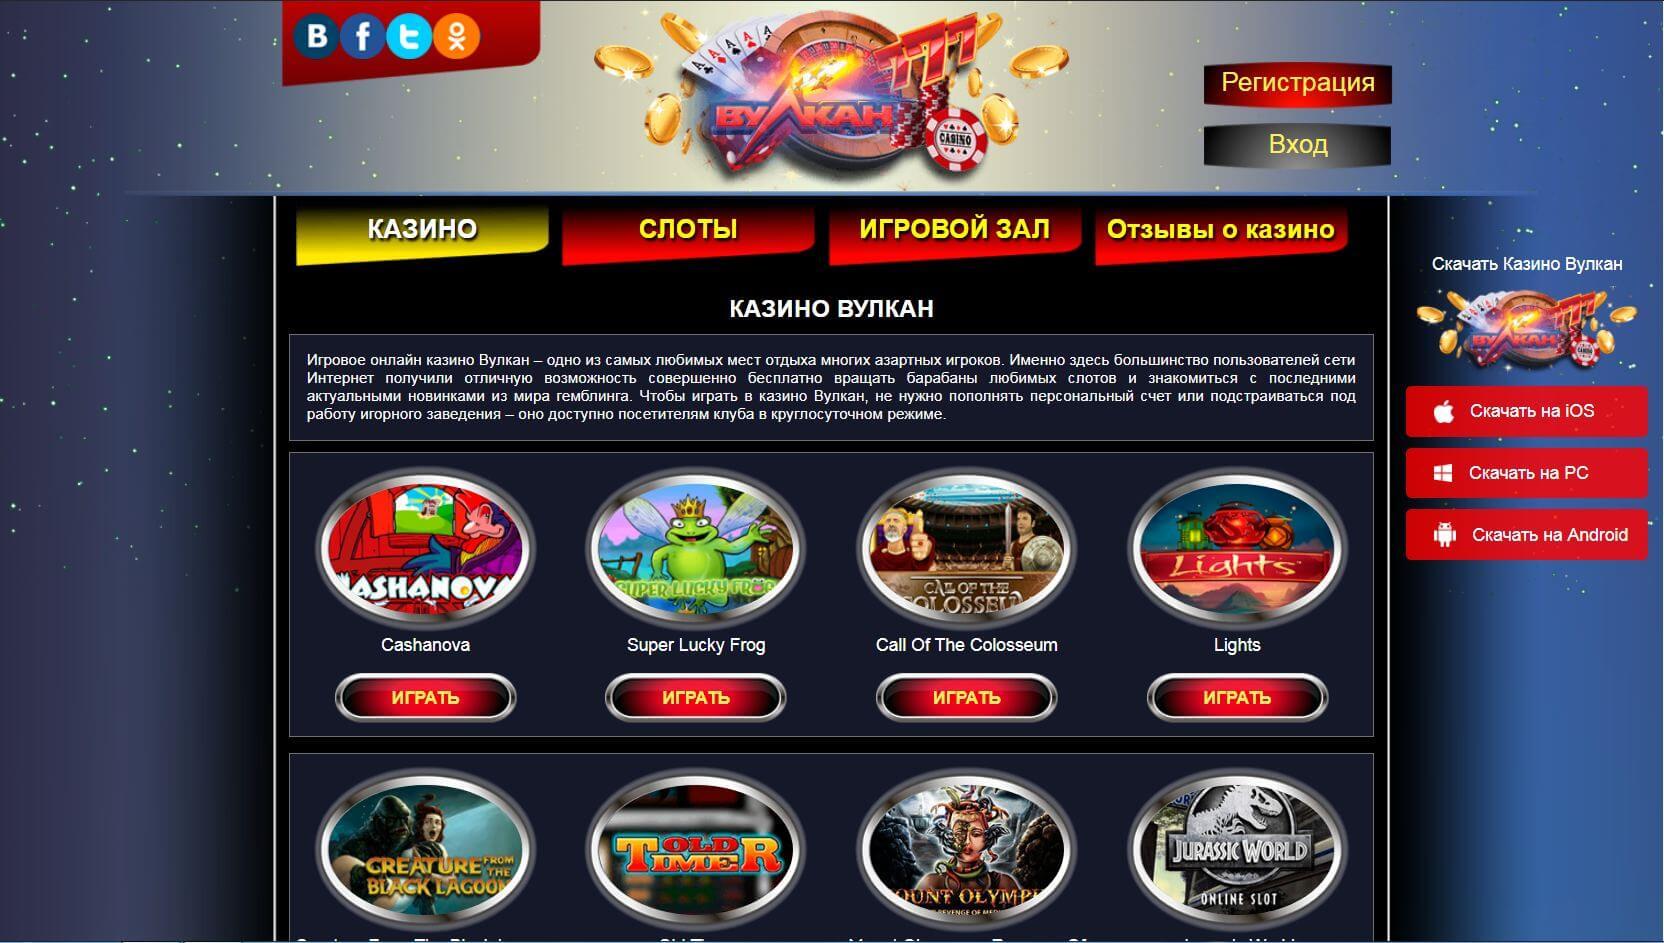 Видеочат рулетка онлайн бесплатно и без регистрации зарубежные спортивный покер играть онлайн